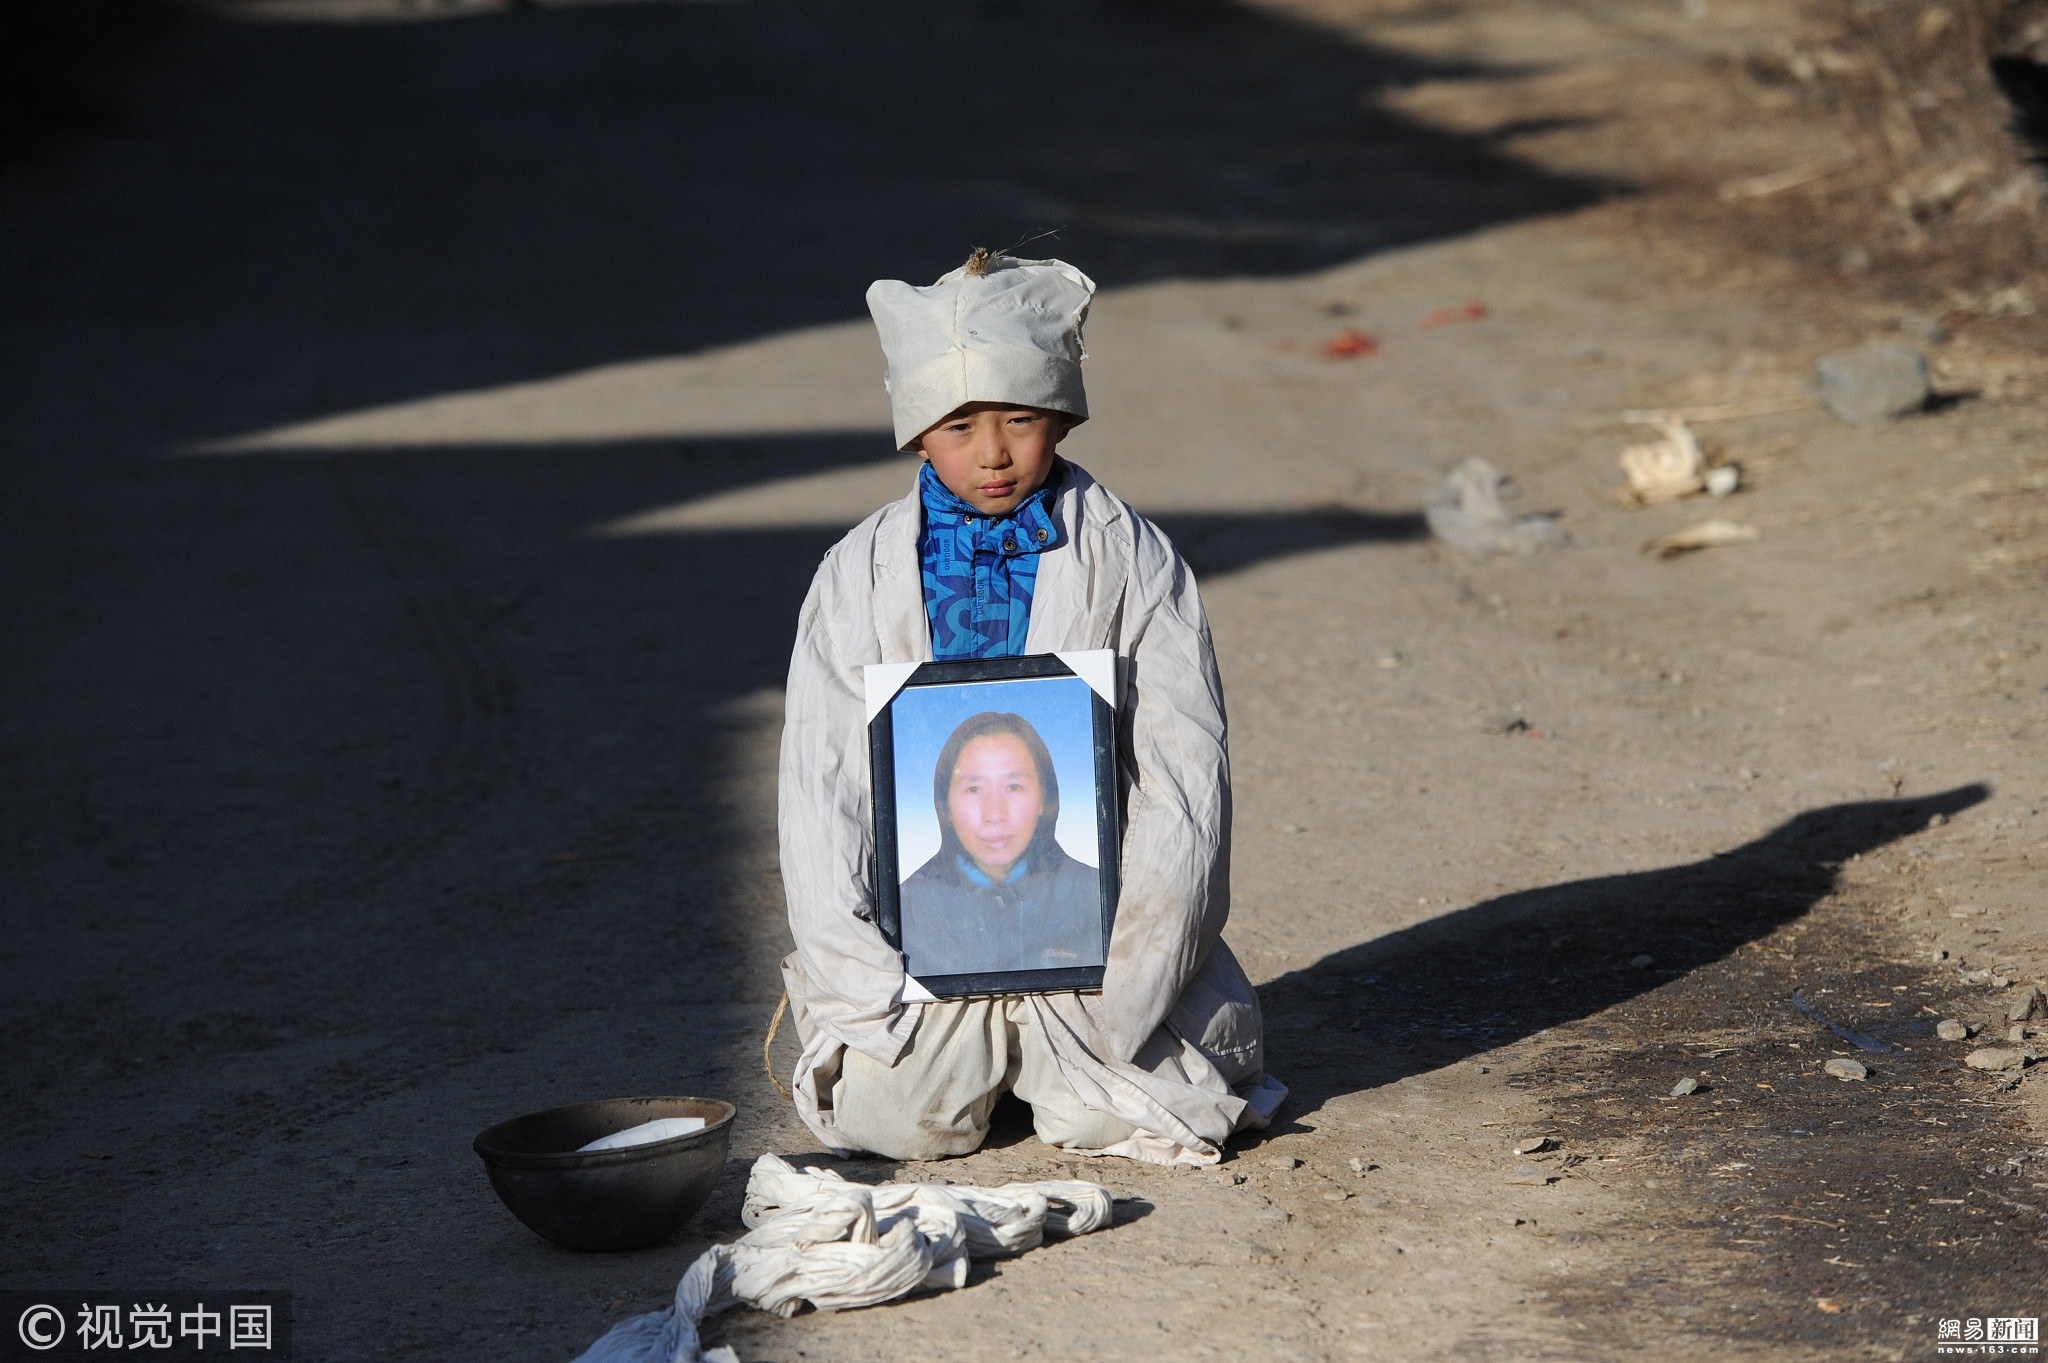 母亲去世村民凑钱帮其下葬 7岁孤儿跪谢乡亲 !!! - 周公乐 - xinhua8848 的博客